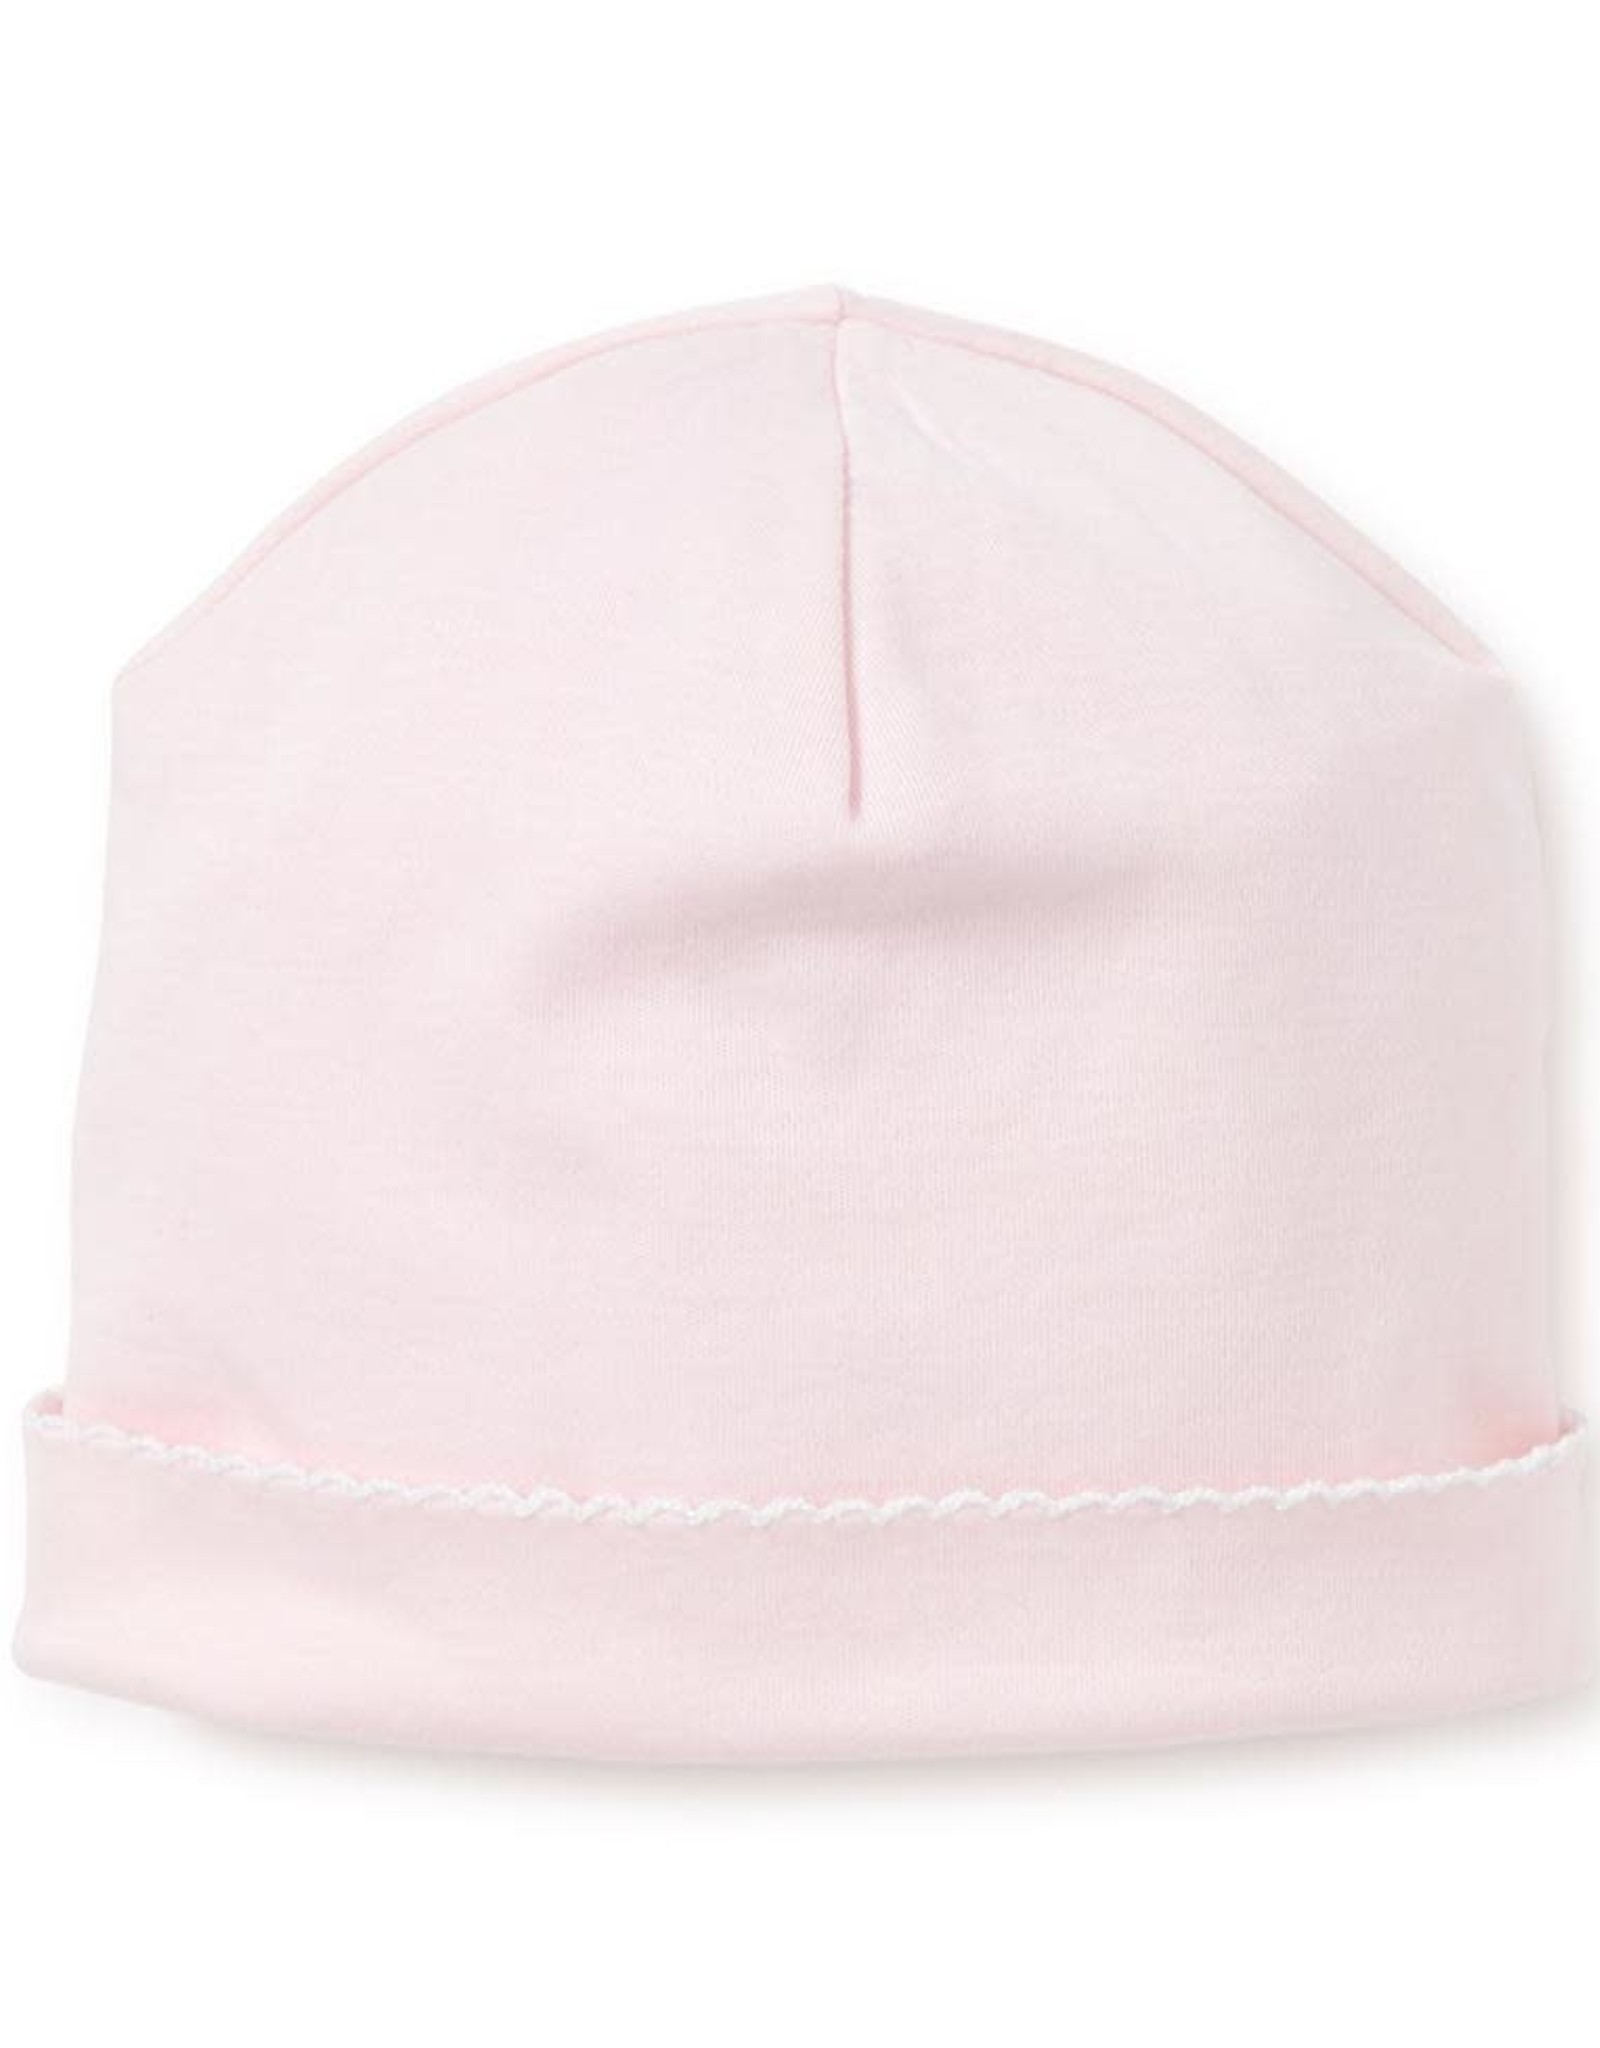 Kissy Kissy Basic Hat White/pink Stitching